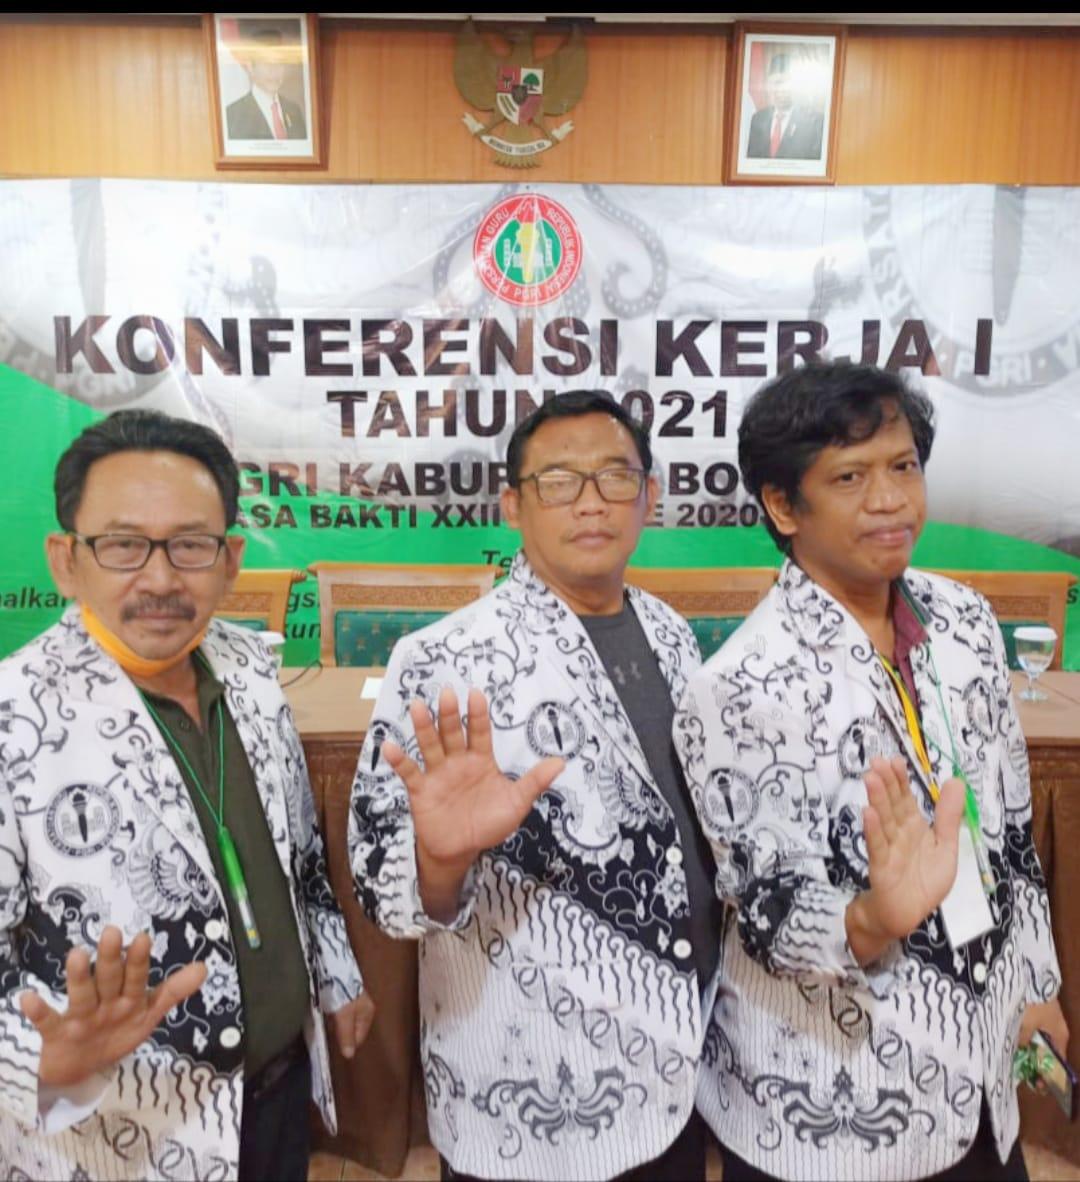 Ketua, Wakil & Sekretaris PGRI Cabang Kecamatan Cibinong Hadiri Konferensi Kerja